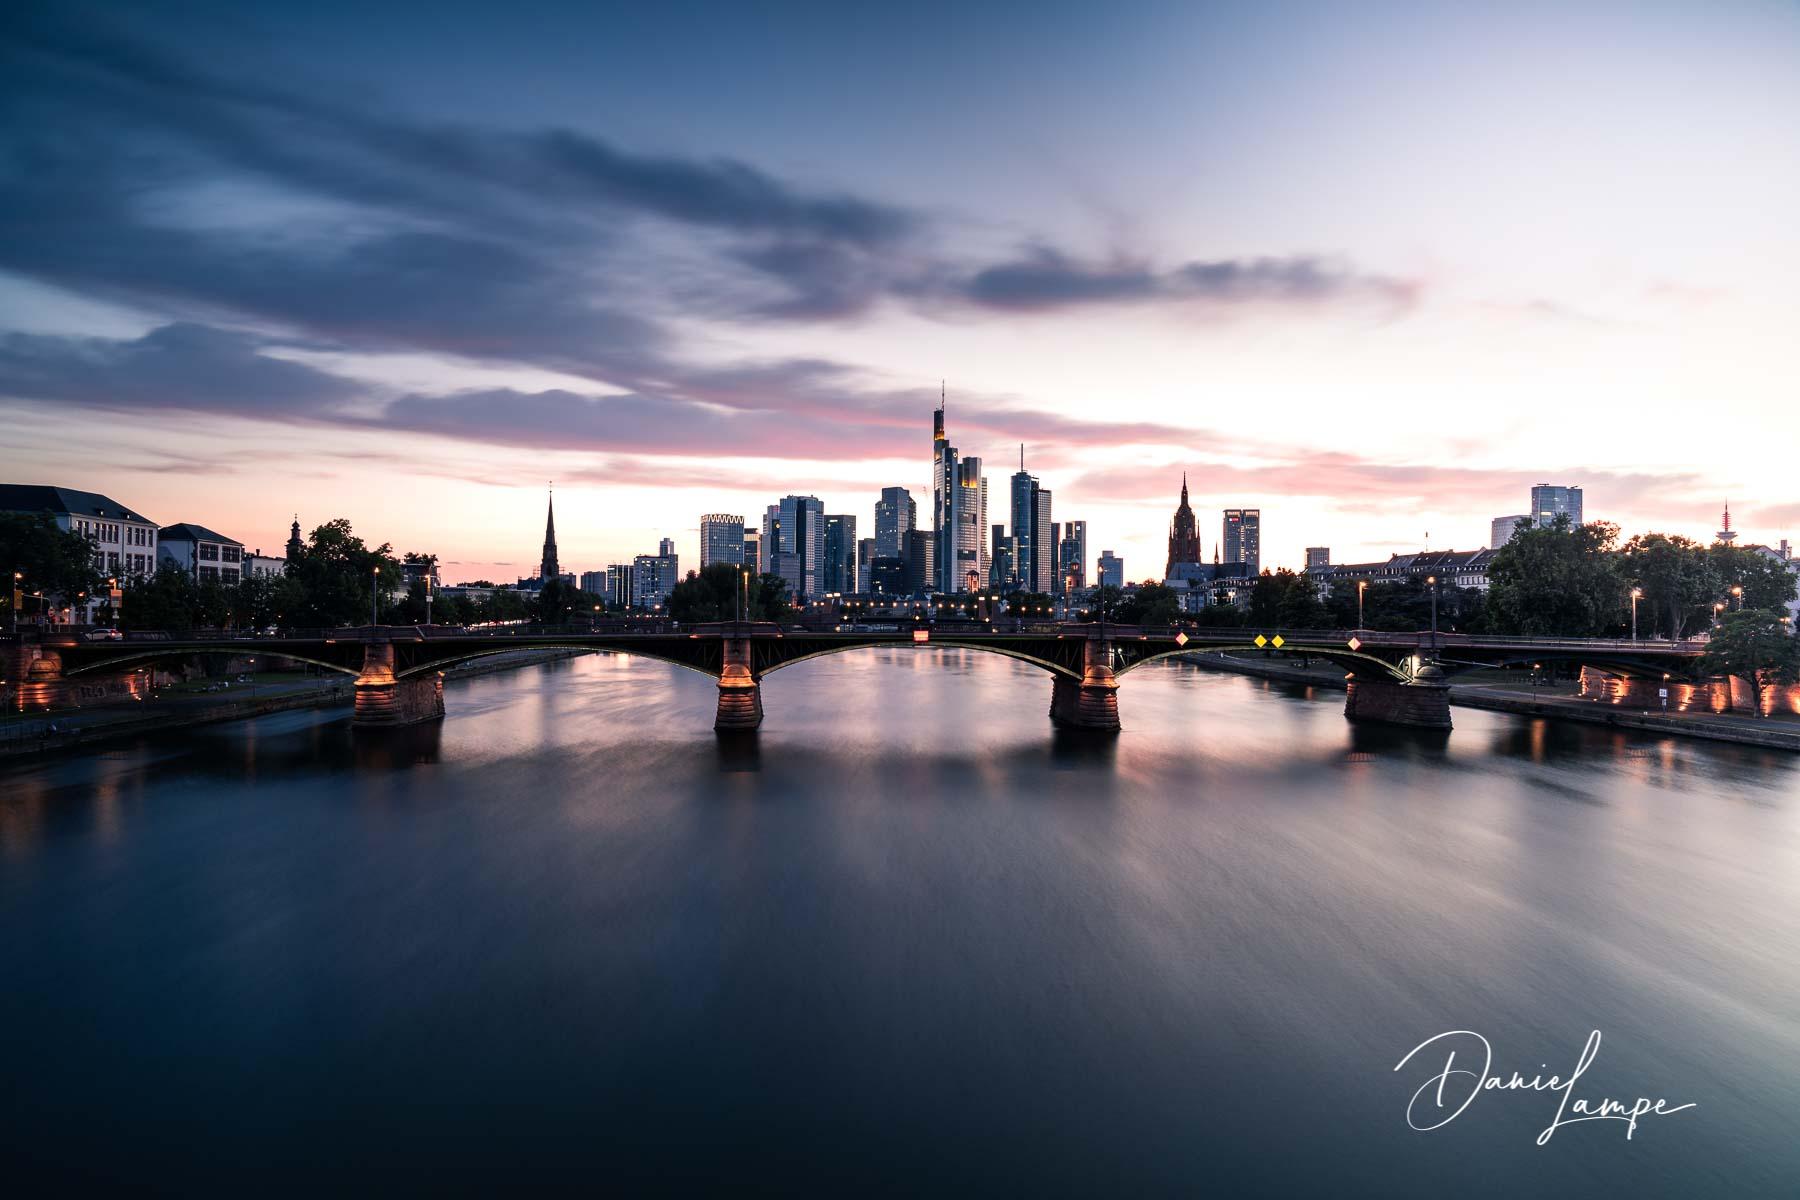 Deutschland, Frankfurt, Skyline, Sonnenuntergang, blaue Stunde, Hochhäuser, Ignatz-Bubis-Brücke, Brücke